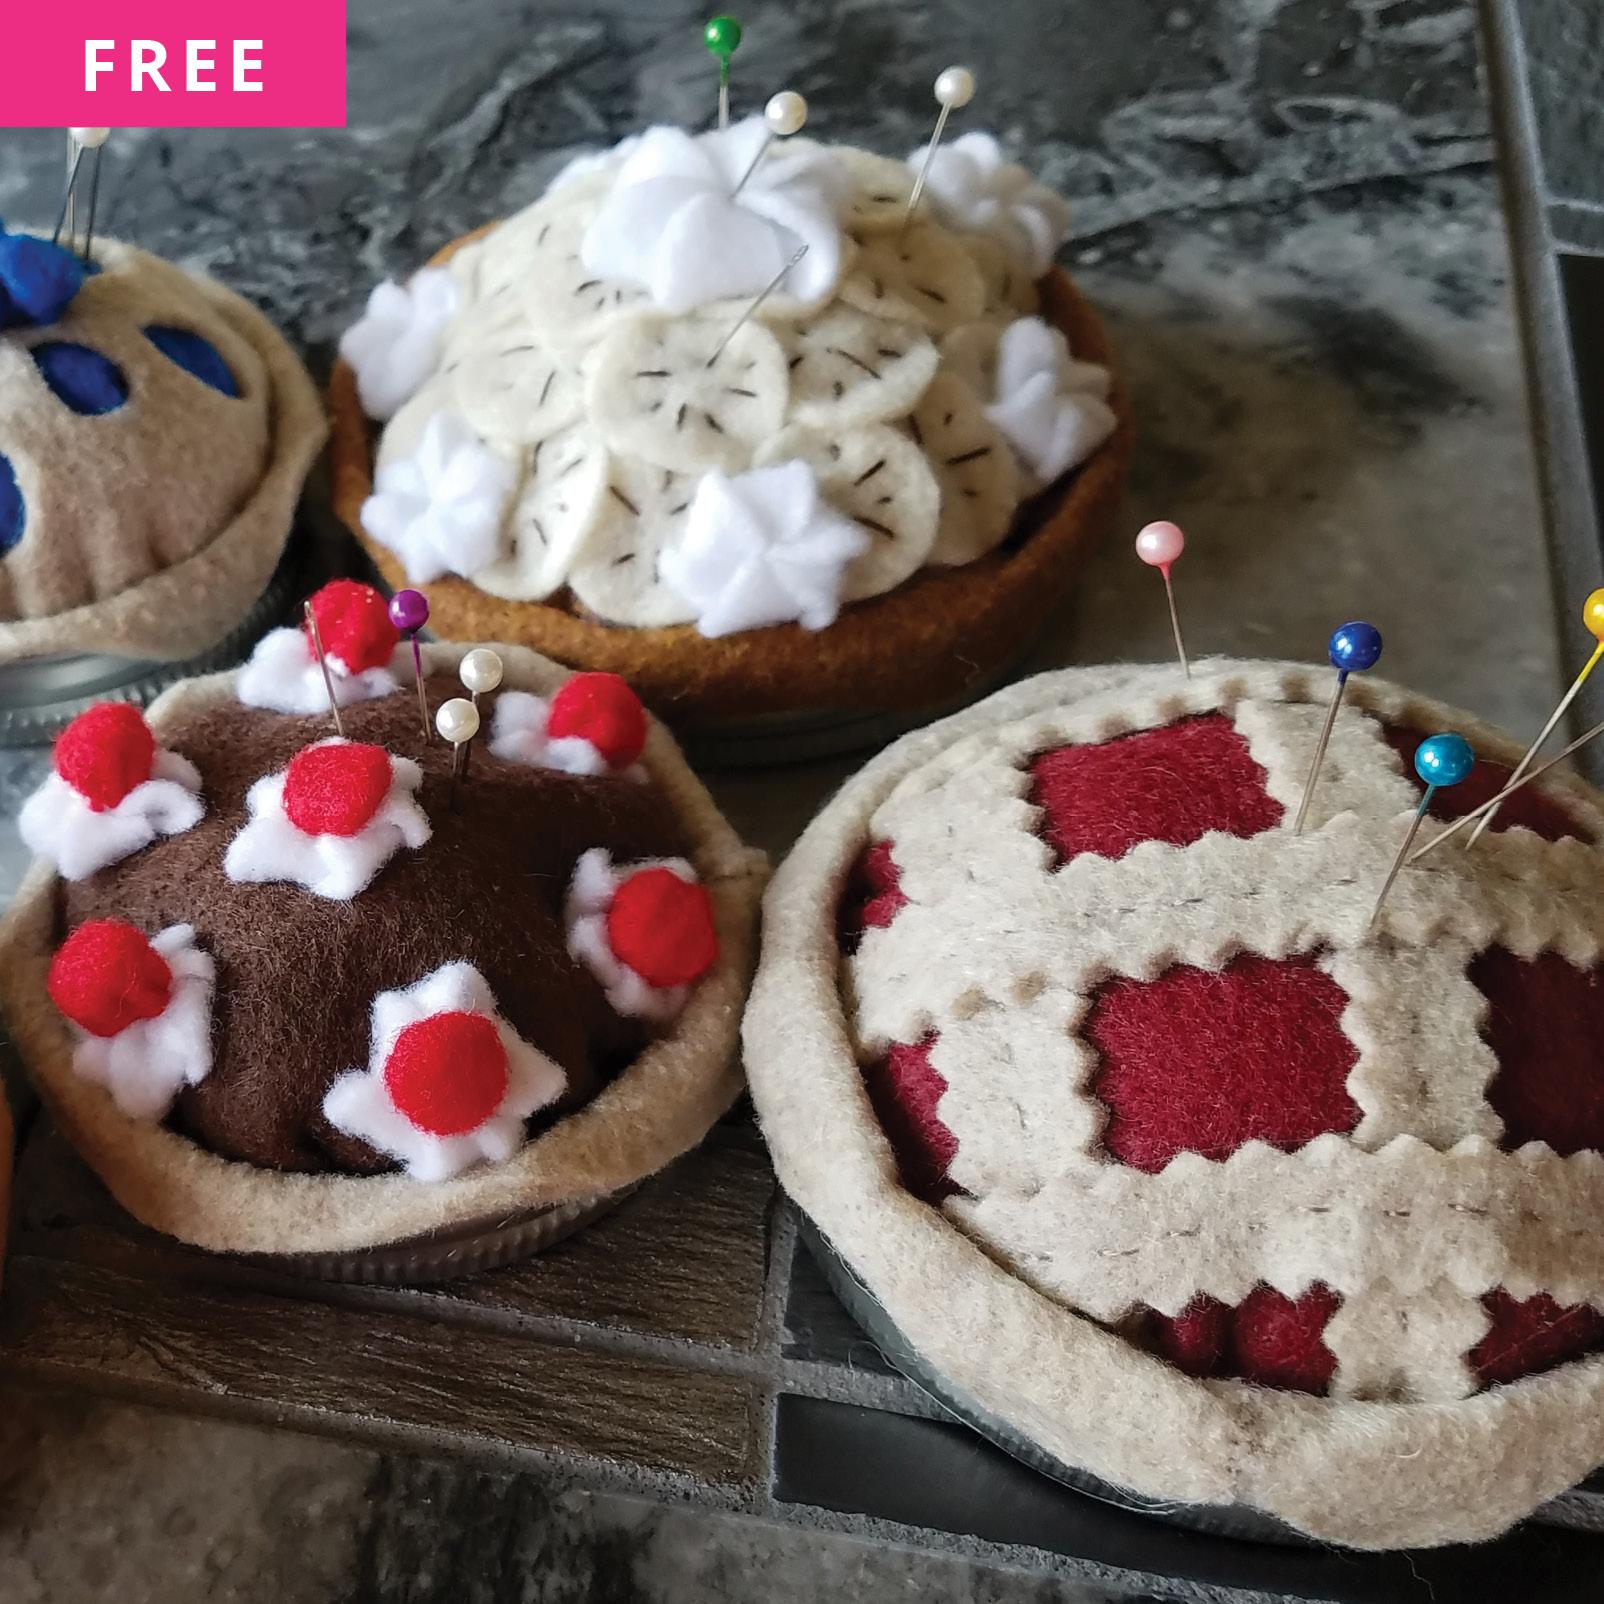 Free Sewing Pattern - Pincushion Pies